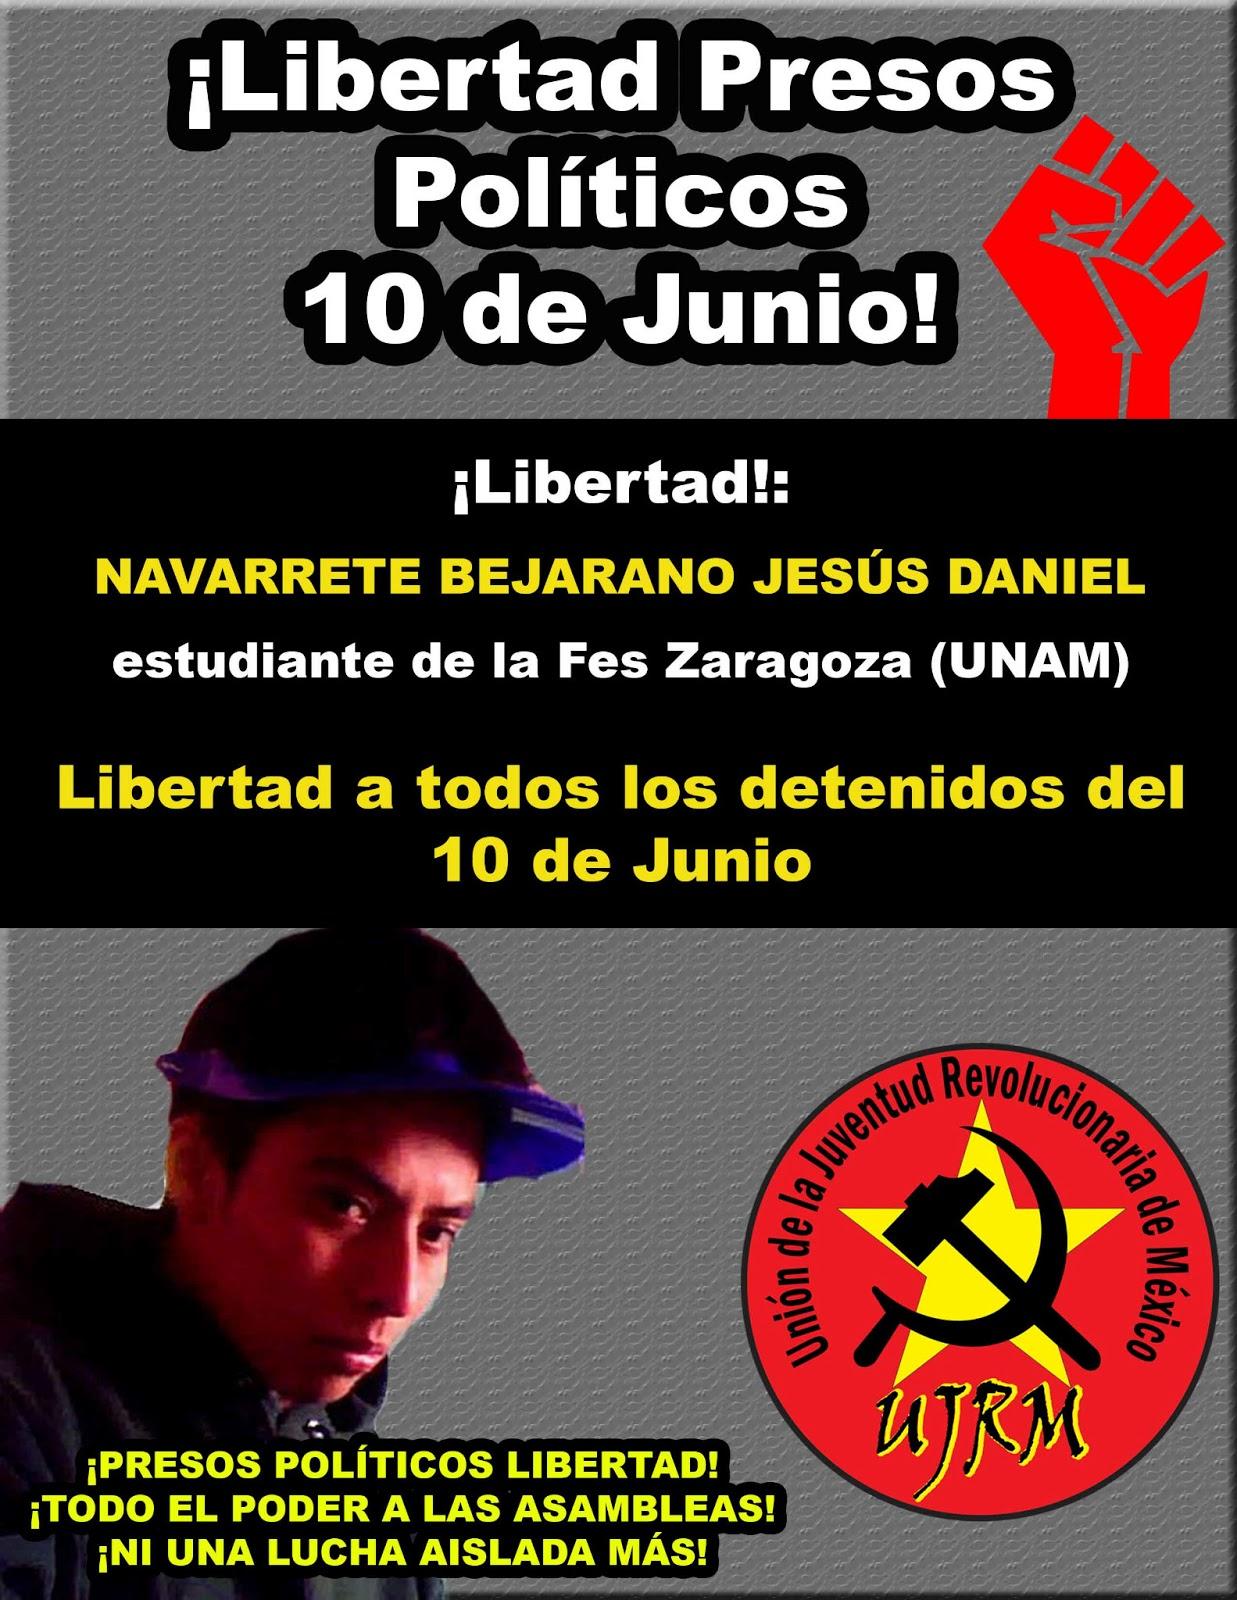 Libertad a los Presos Políticos del 10 de Junio